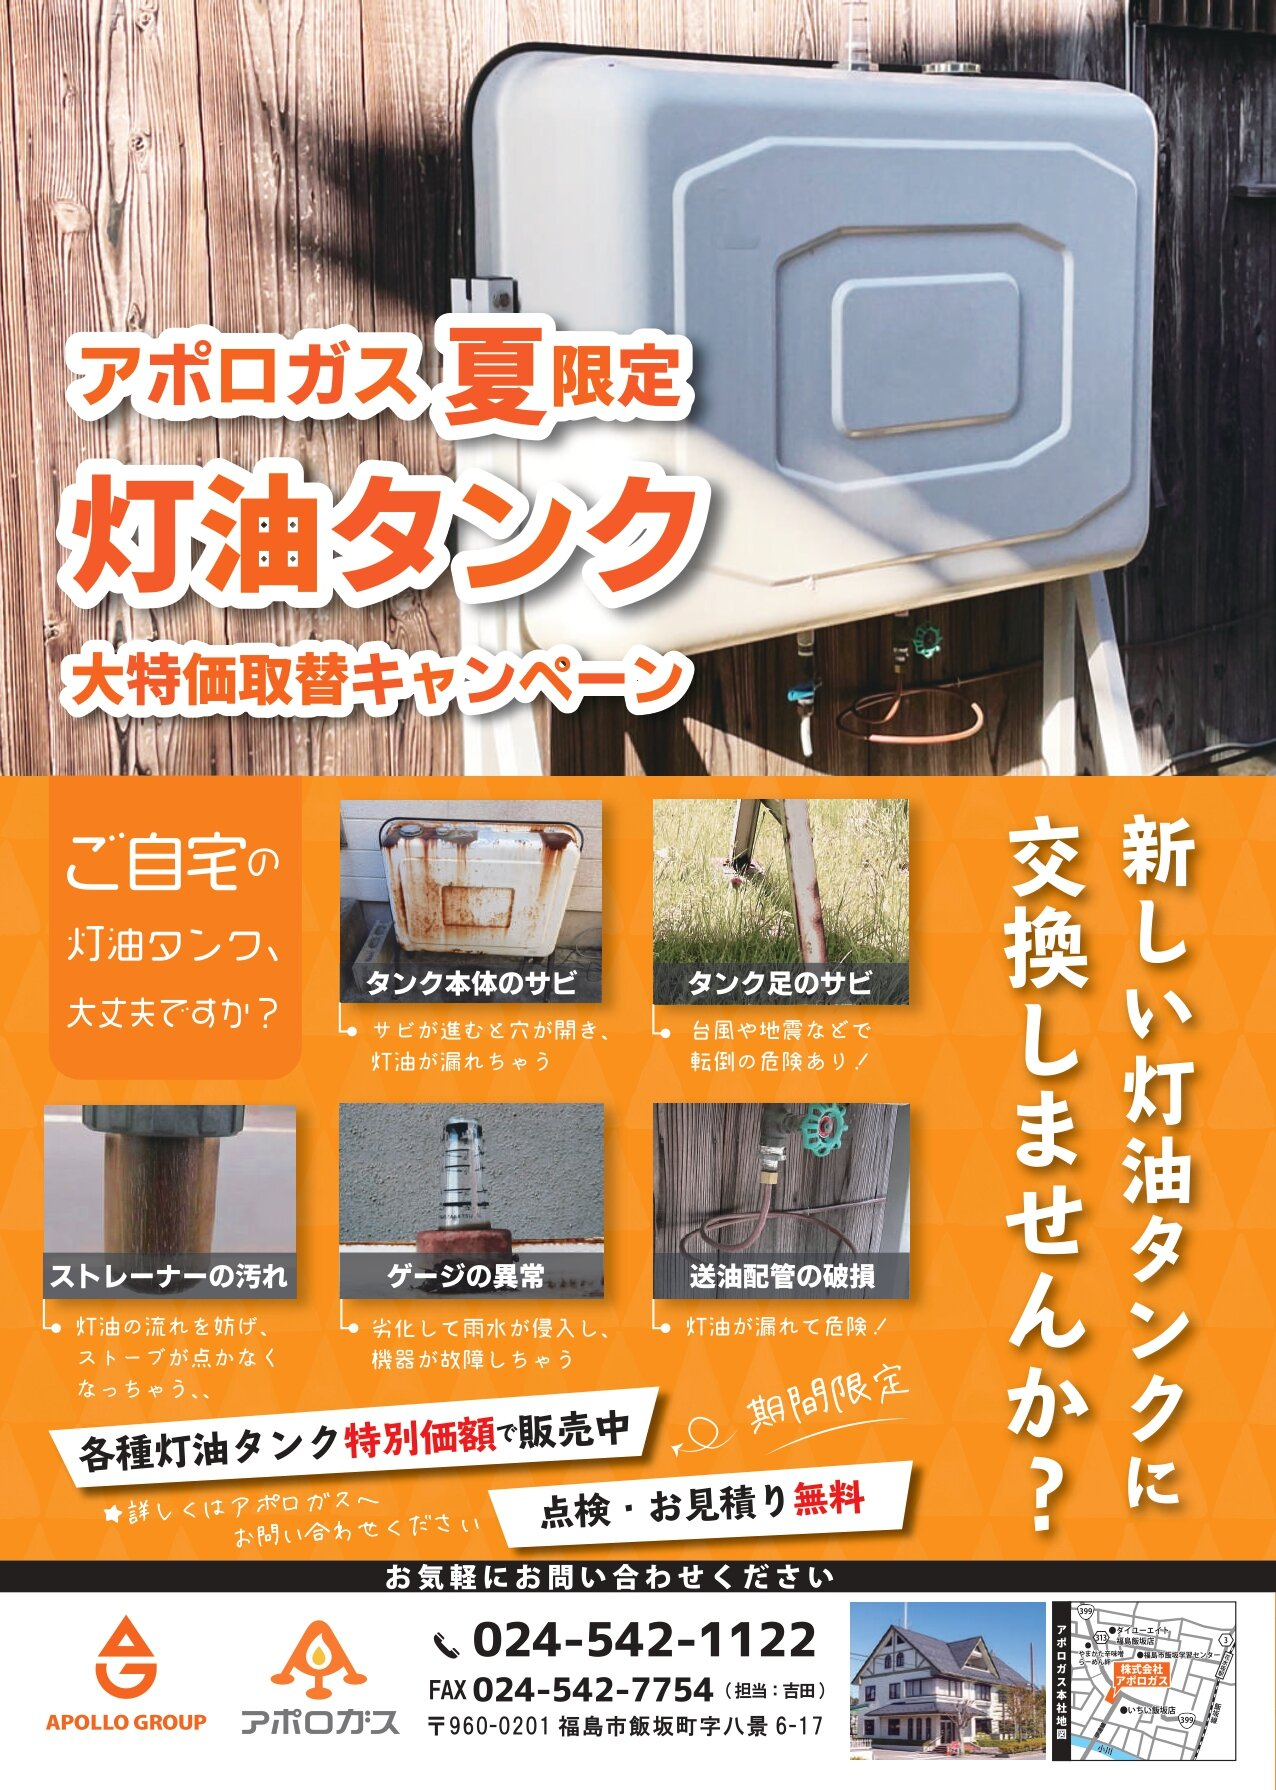 灯油タンクキャンペーン_compressed_page-0001.jpg